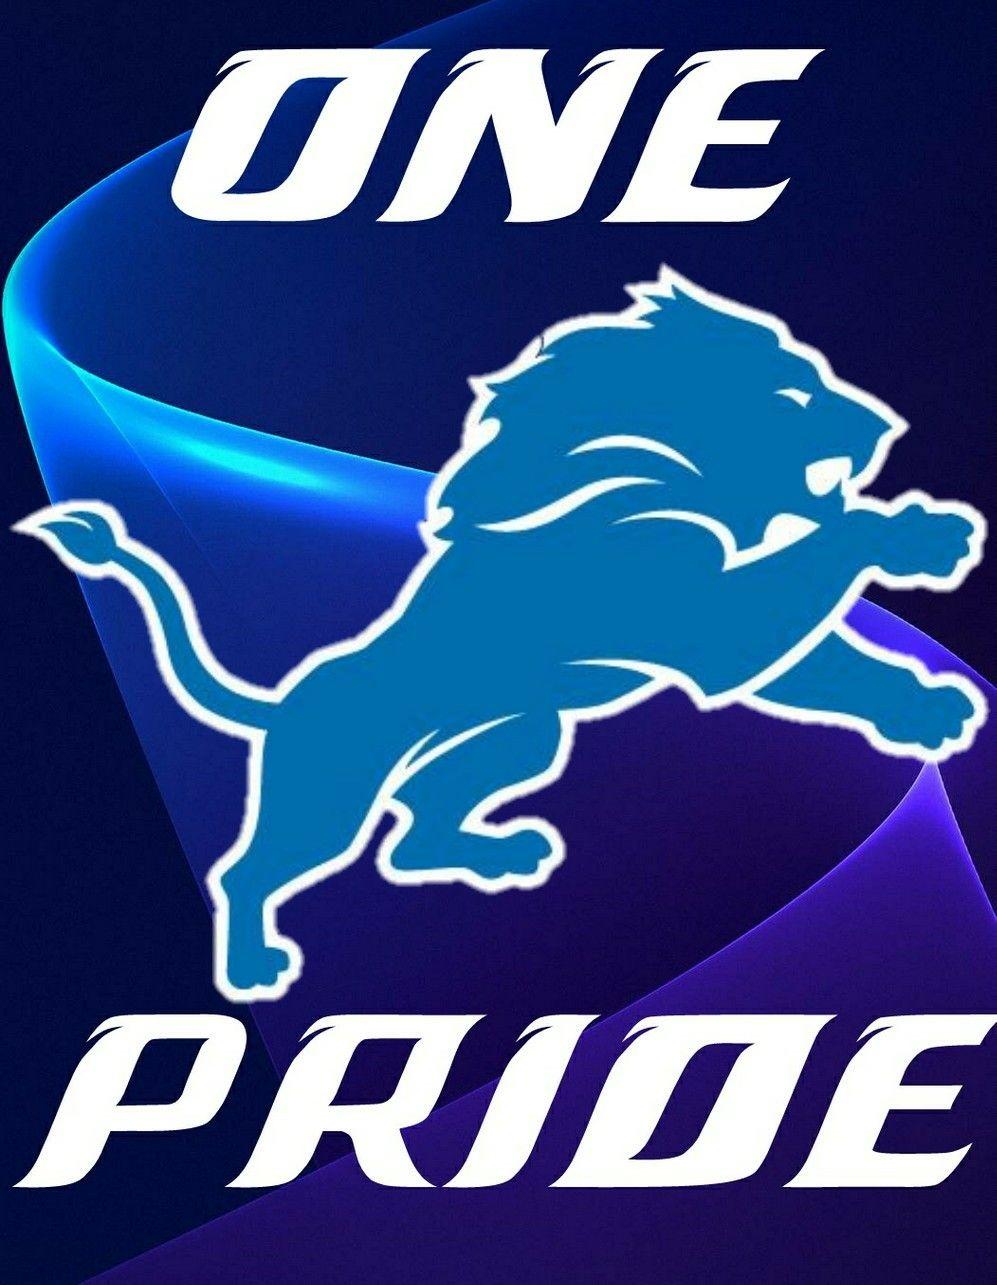 Detroit Lions One Pride Nfl Detroit Lions Detroit Lions Wallpaper Detroit Lions